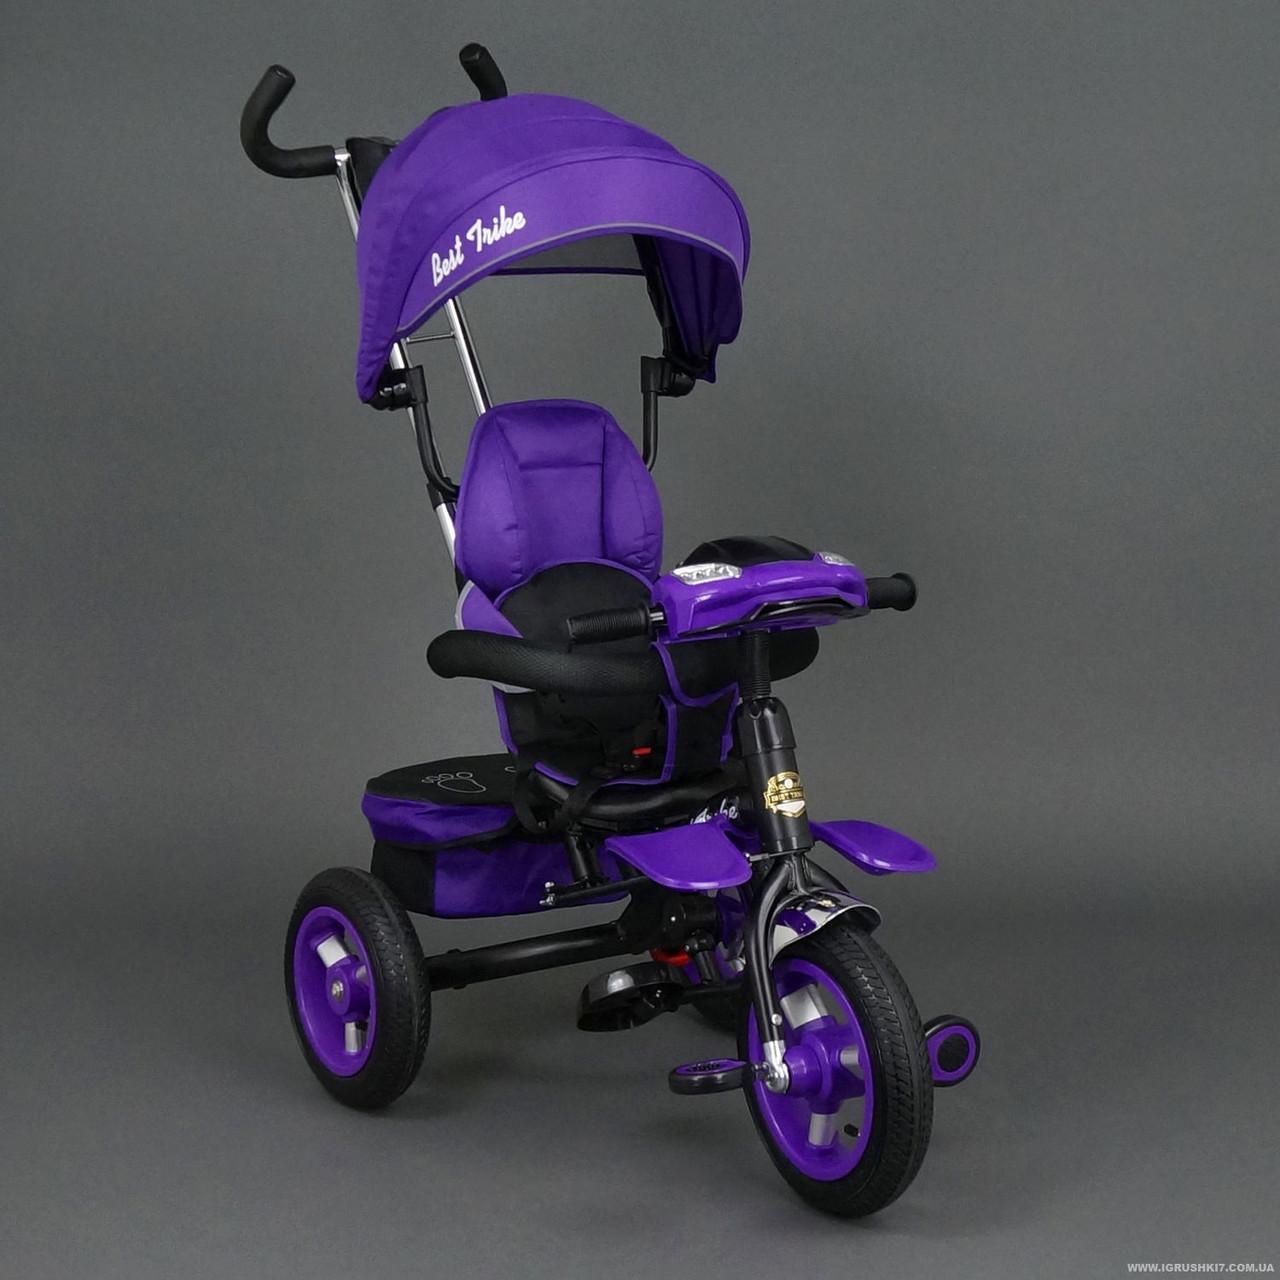 Велосипед трехколесный с поворотным сиденьем и фарой Best Trike 6699,фиолетовый на чернойраме